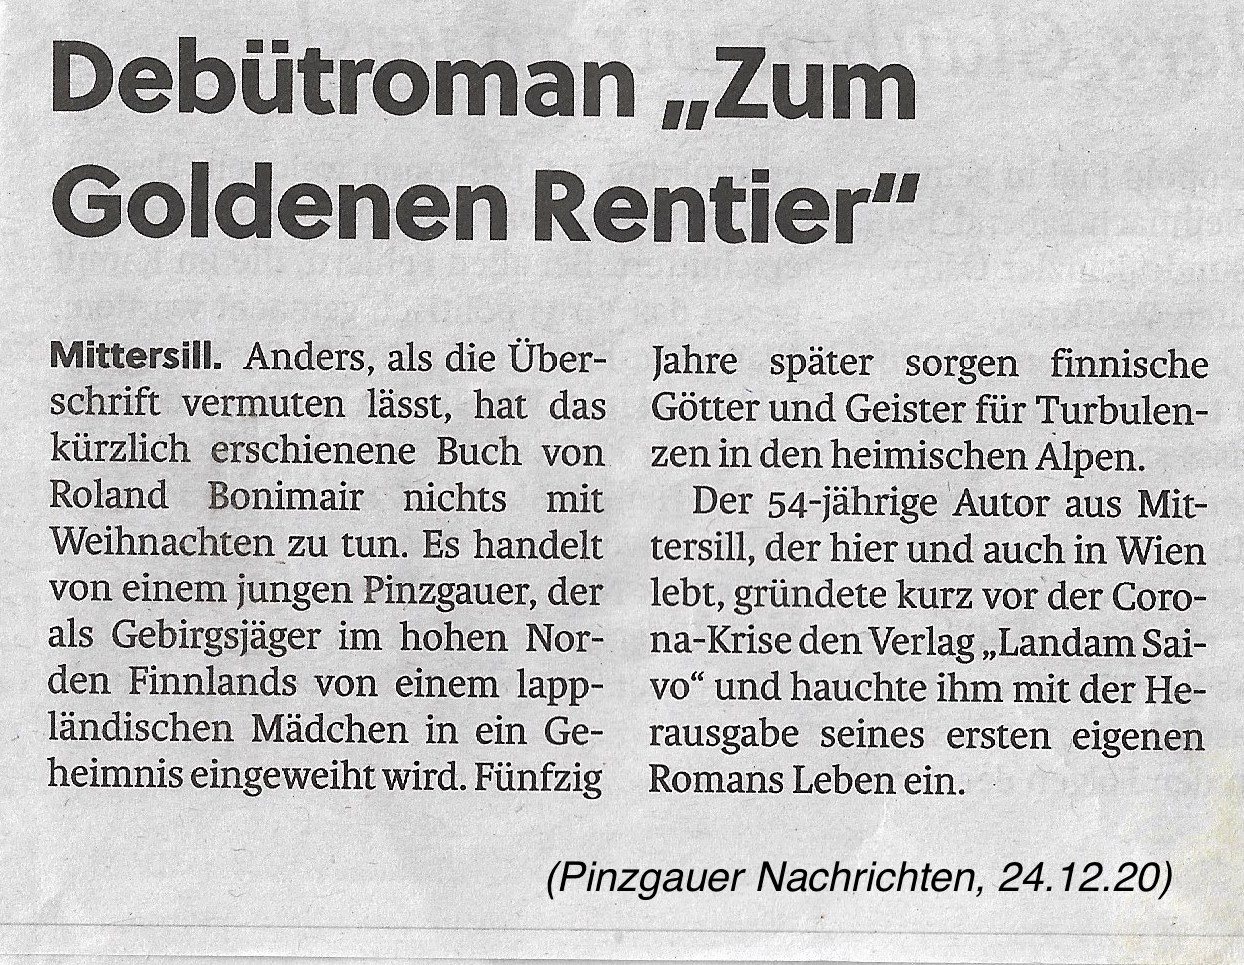 Bericht über Zum Goldenen Rentier in den Pinzgauer Nachrichten vom 24.12.2020